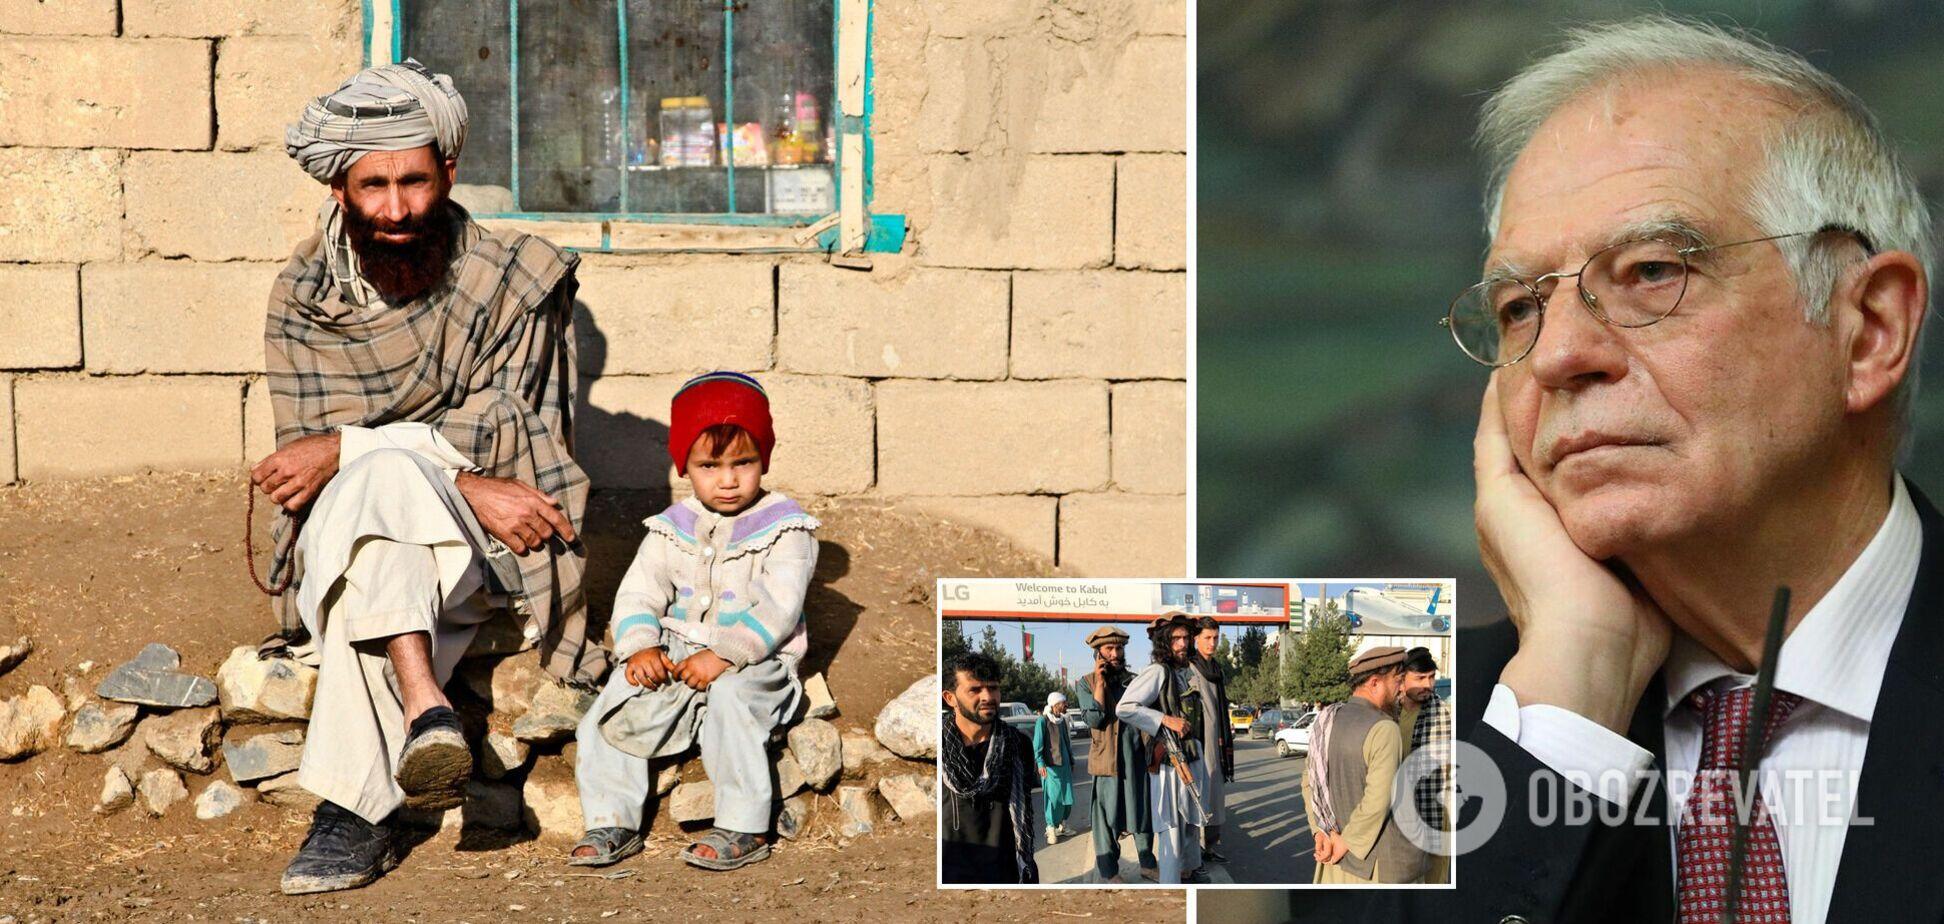 Афганістан перебуває на межі соціально-економічного колапсу, – головний дипломат ЄС